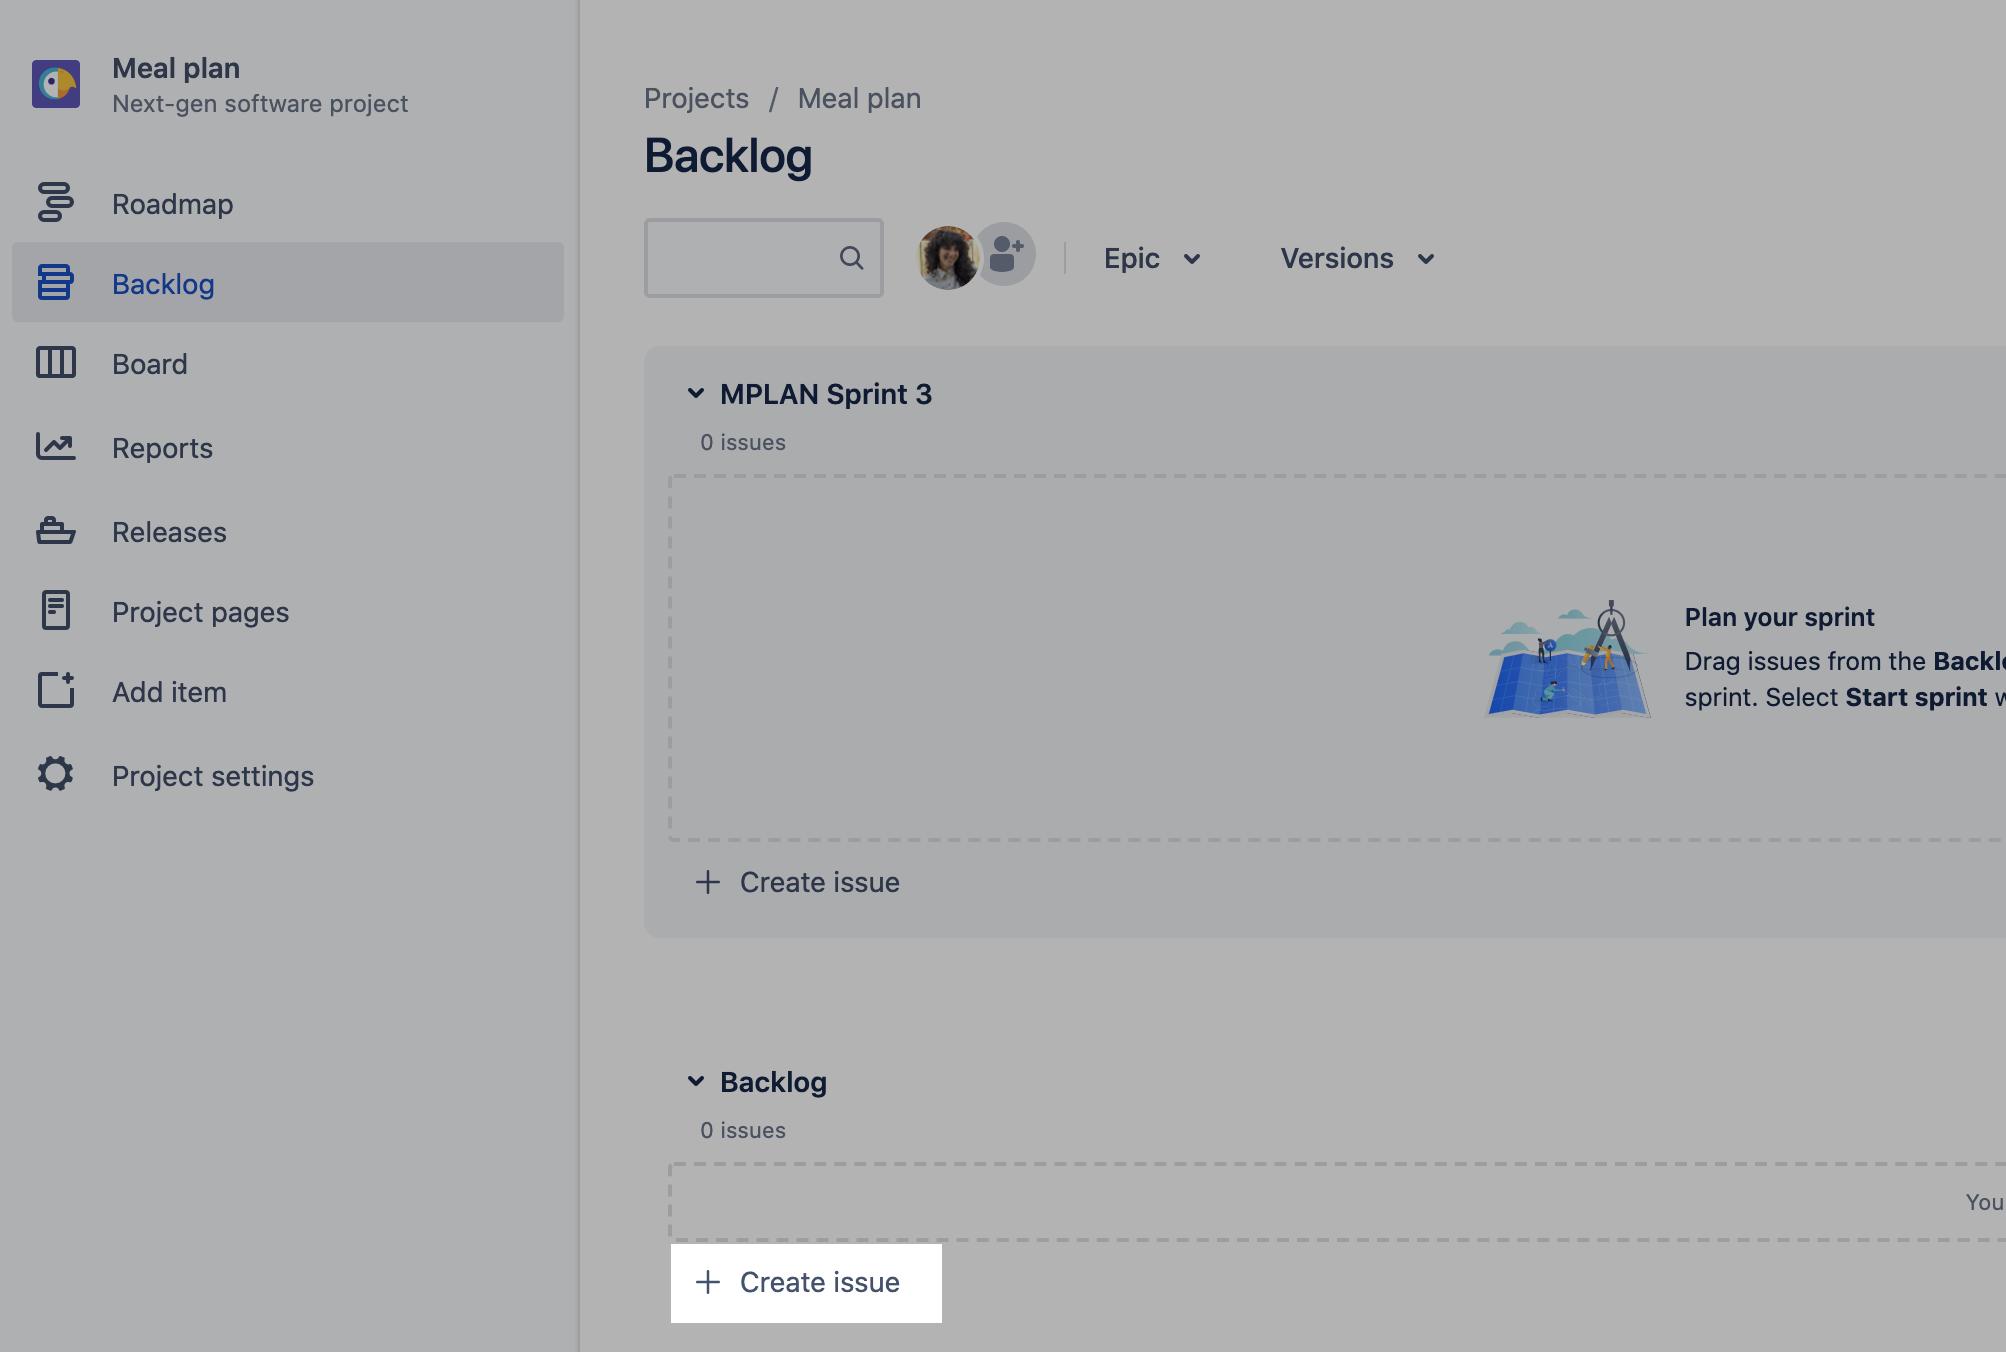 Снимок экрана, на котором подсвечена кнопка создания задачи